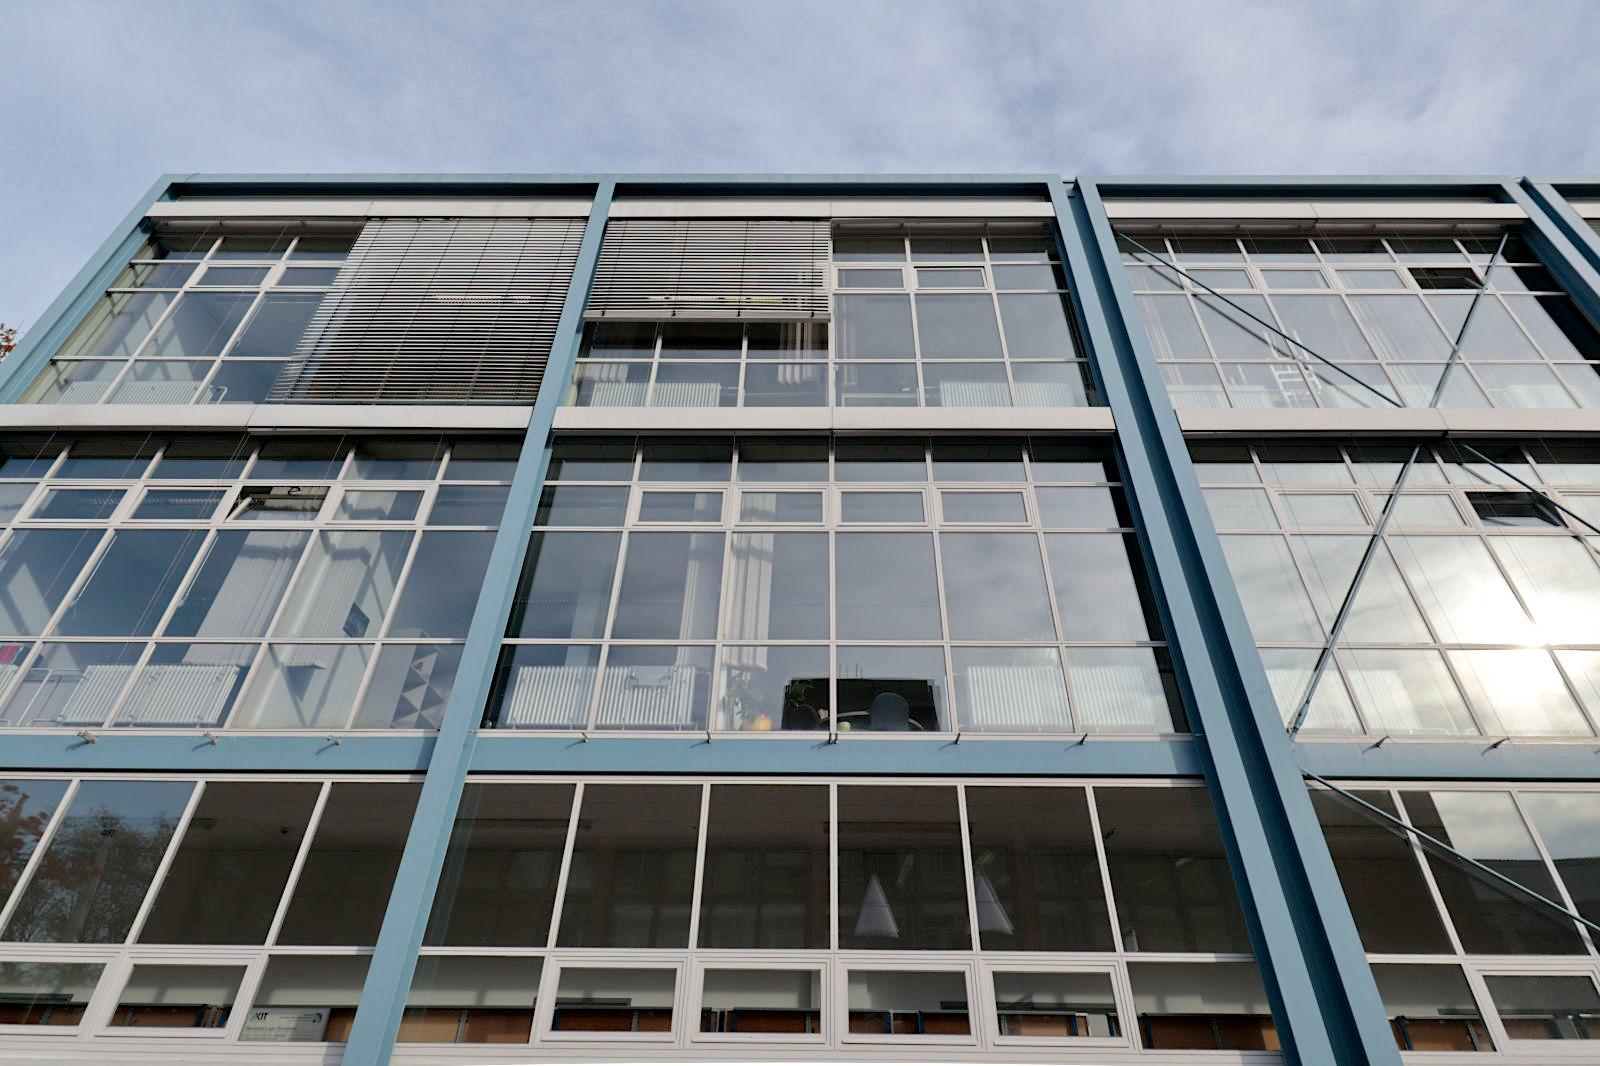 Versuchskraftwerk der Technischen Hochschule Karlsruhe. ... wärmetechnischen Untersuchungen an Teilen von Kraftanlagen. Farben sind ein weiteres wichtiges Merkmal.